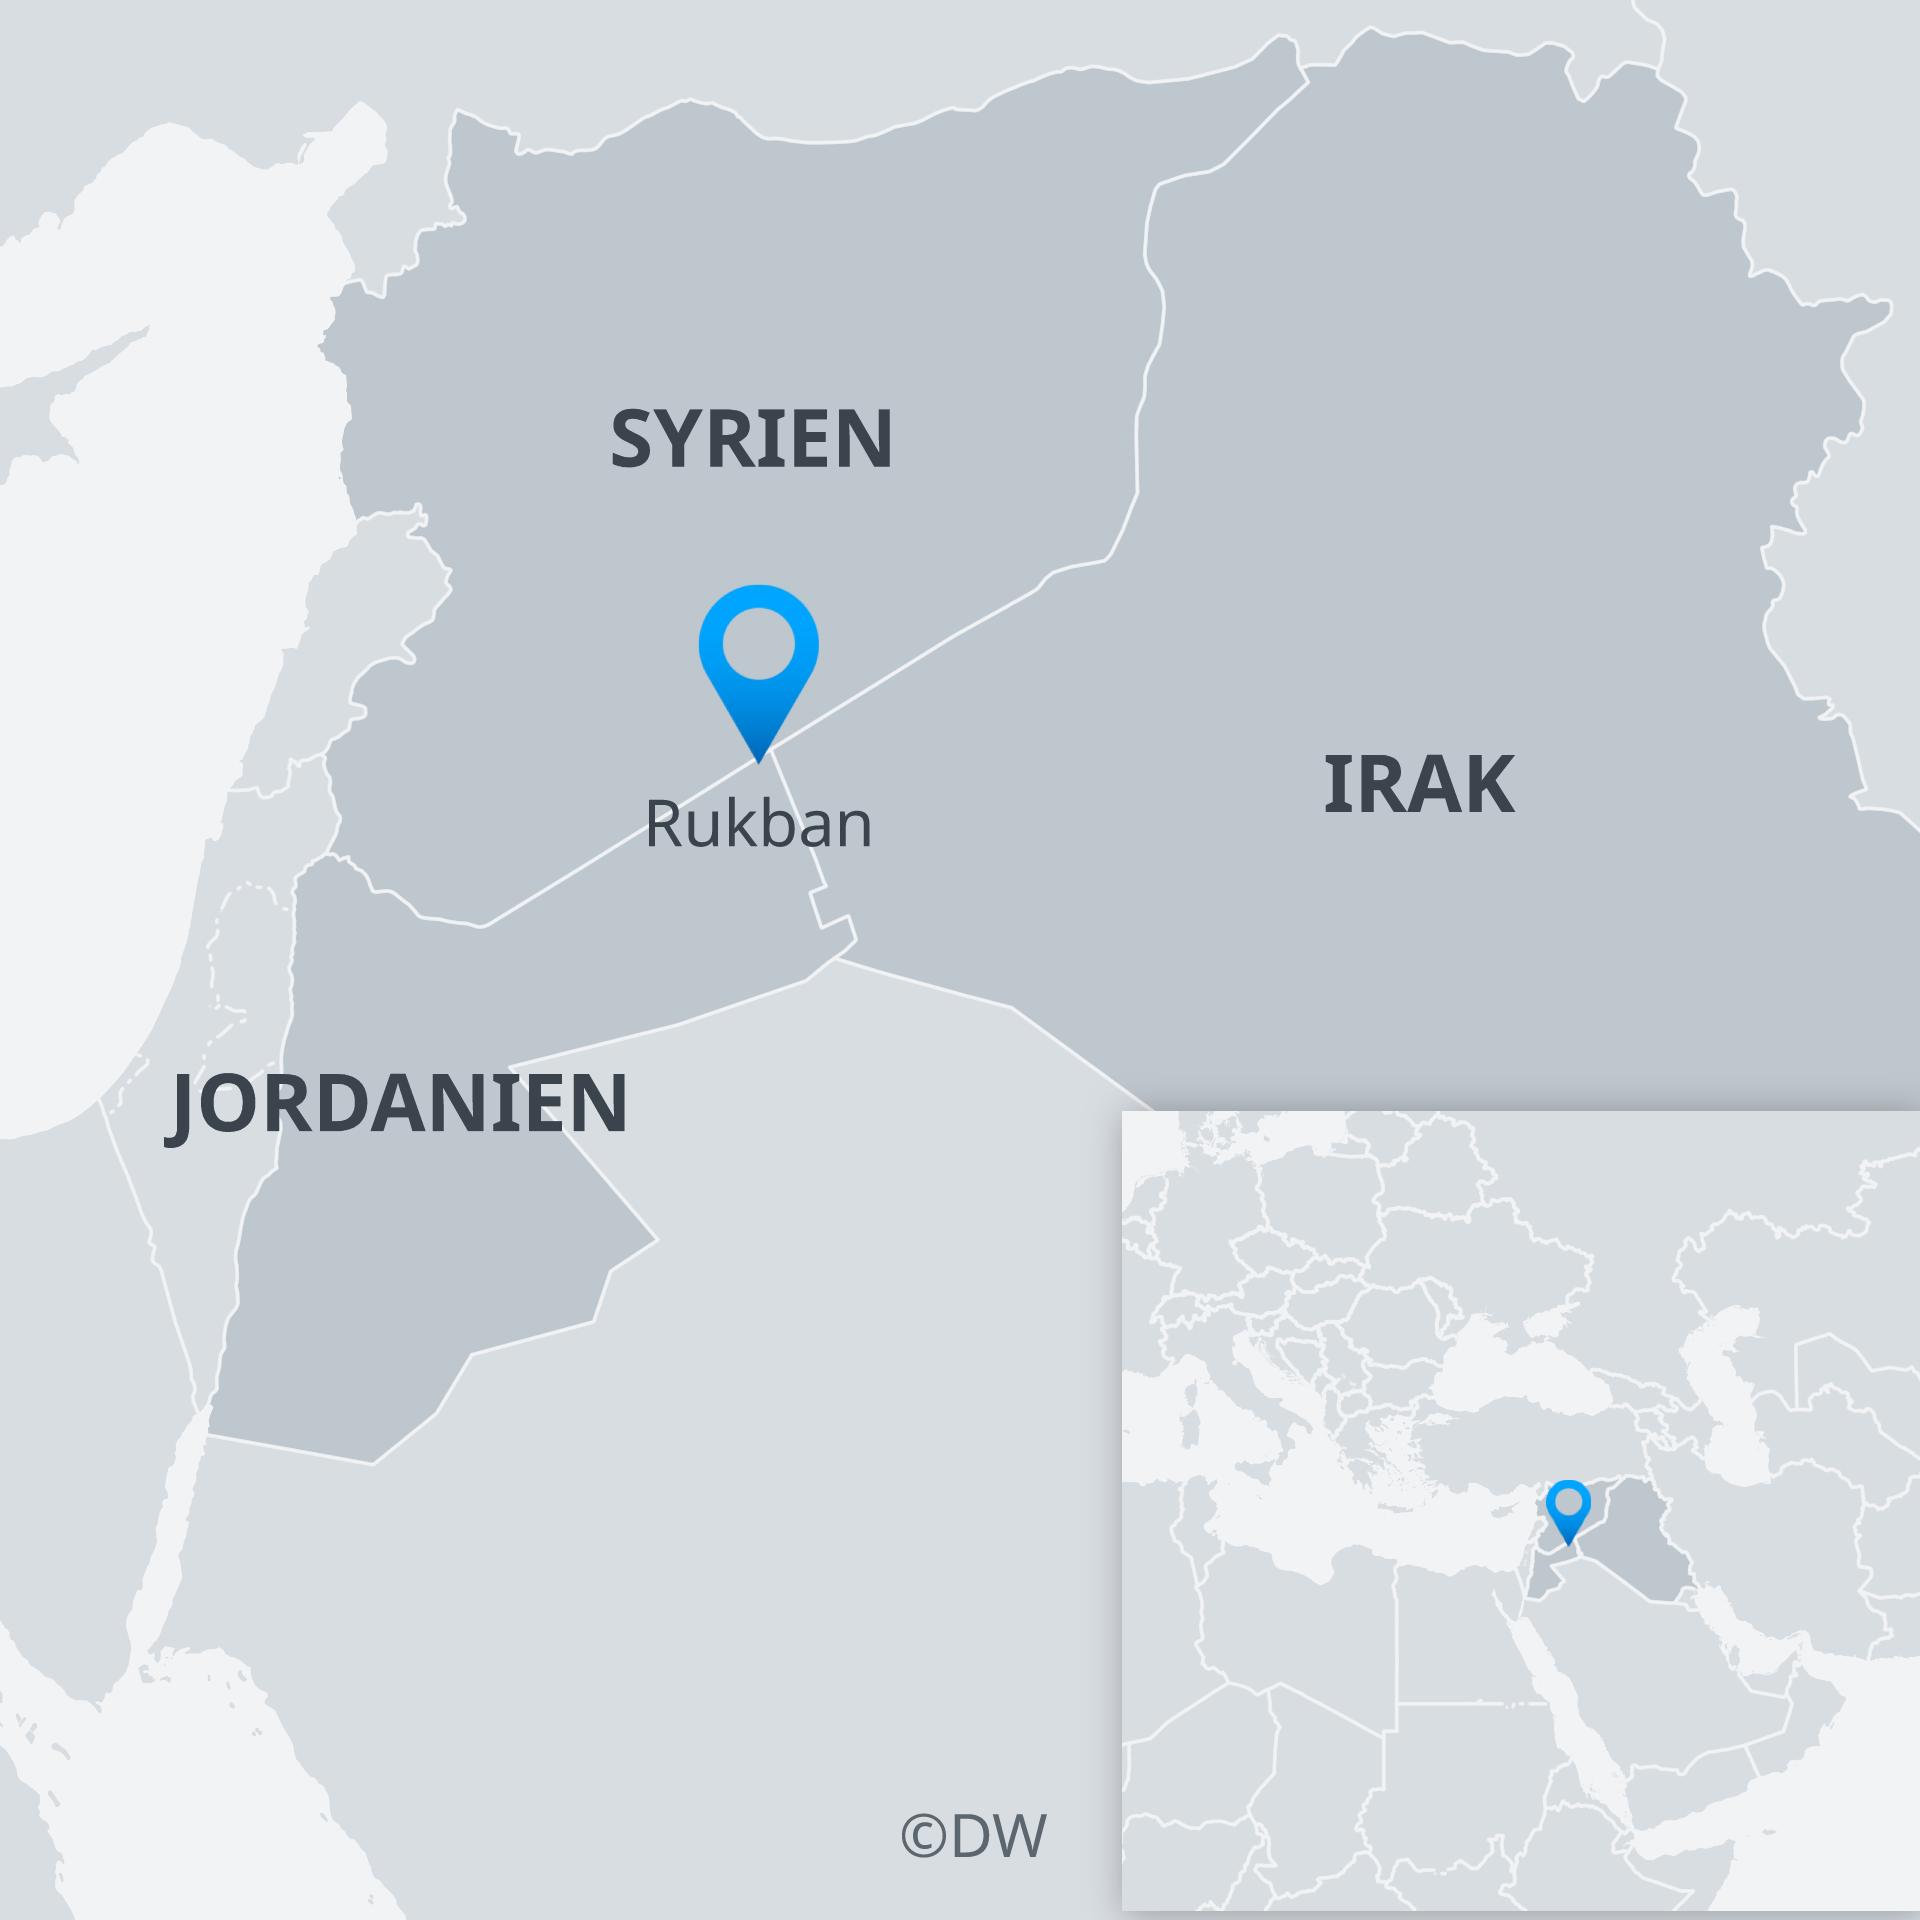 Syrien Irak Karte.Erste Hilfslieferung Für Syrische Flüchtlinge Seit Januar Aktuell